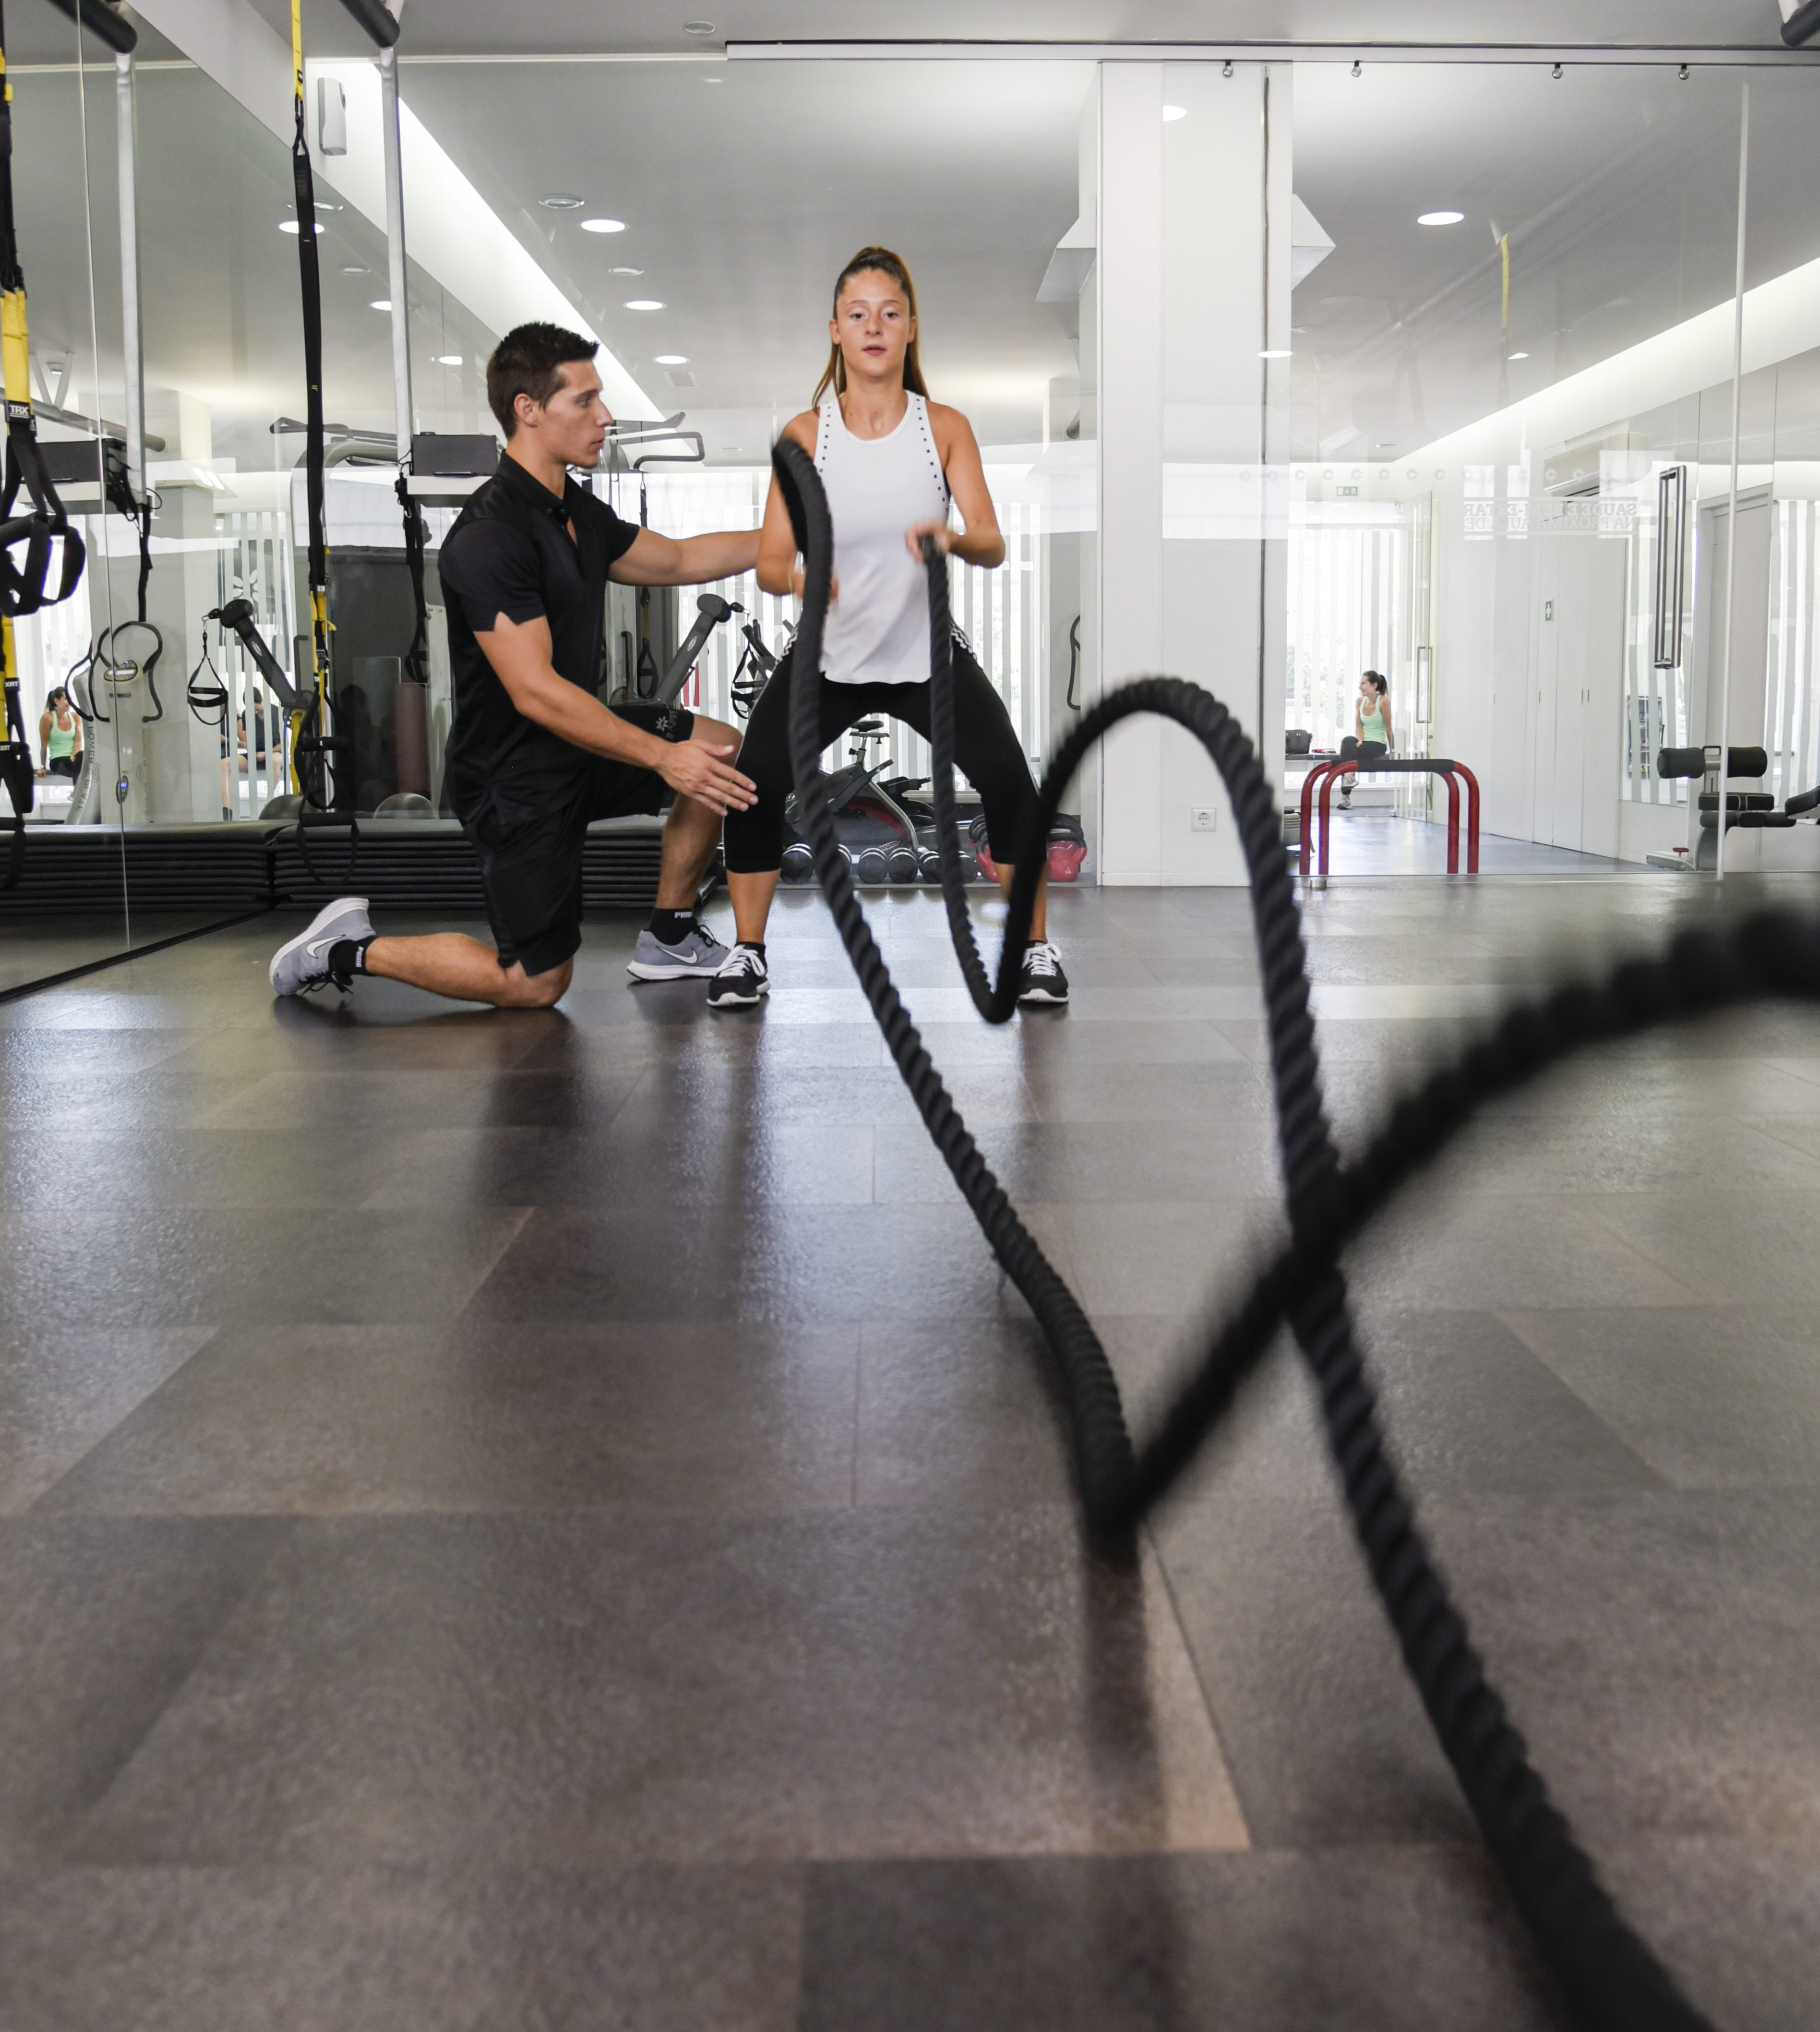 Condicao fisica geral exercicio fisico no porto